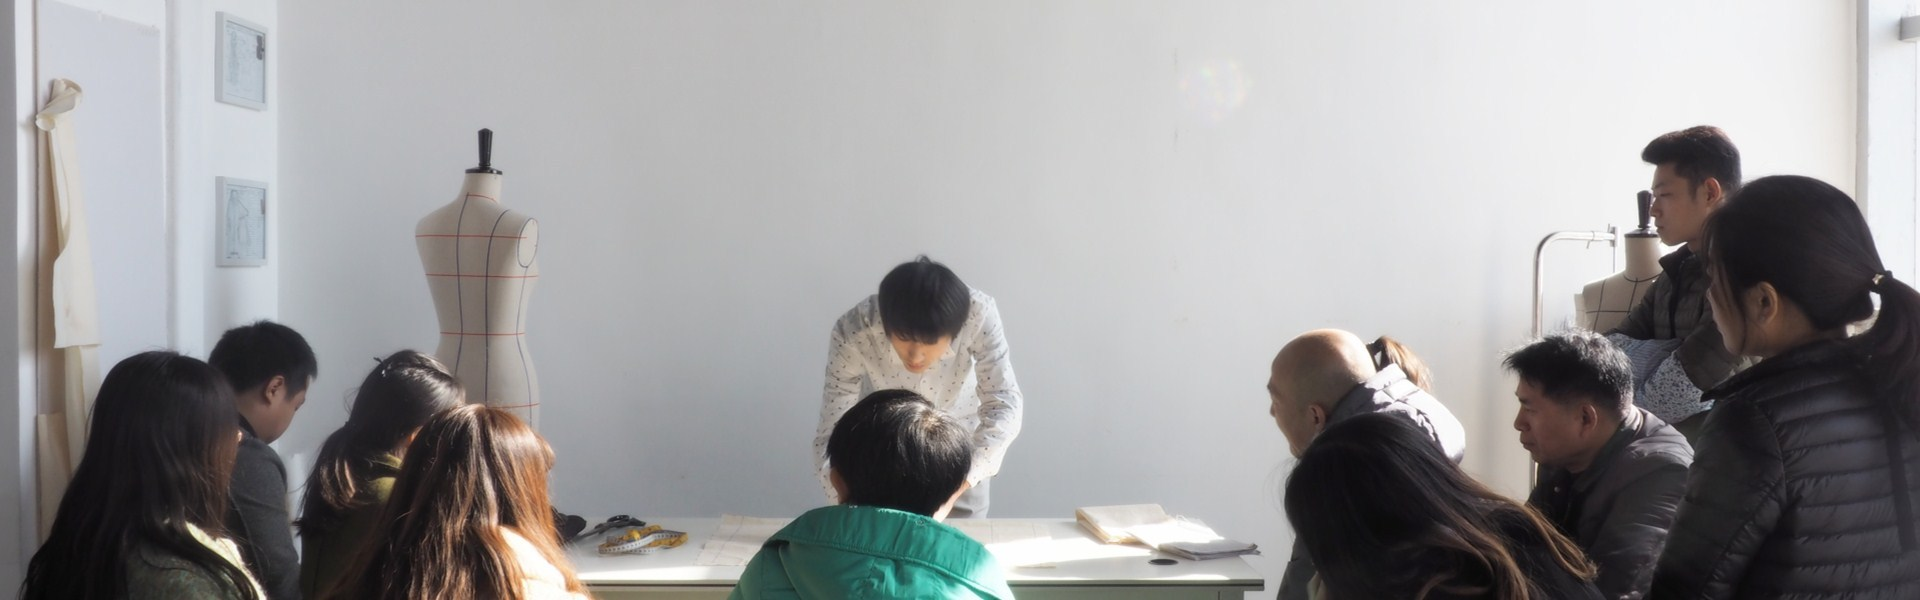 郑州服装裁剪培训班